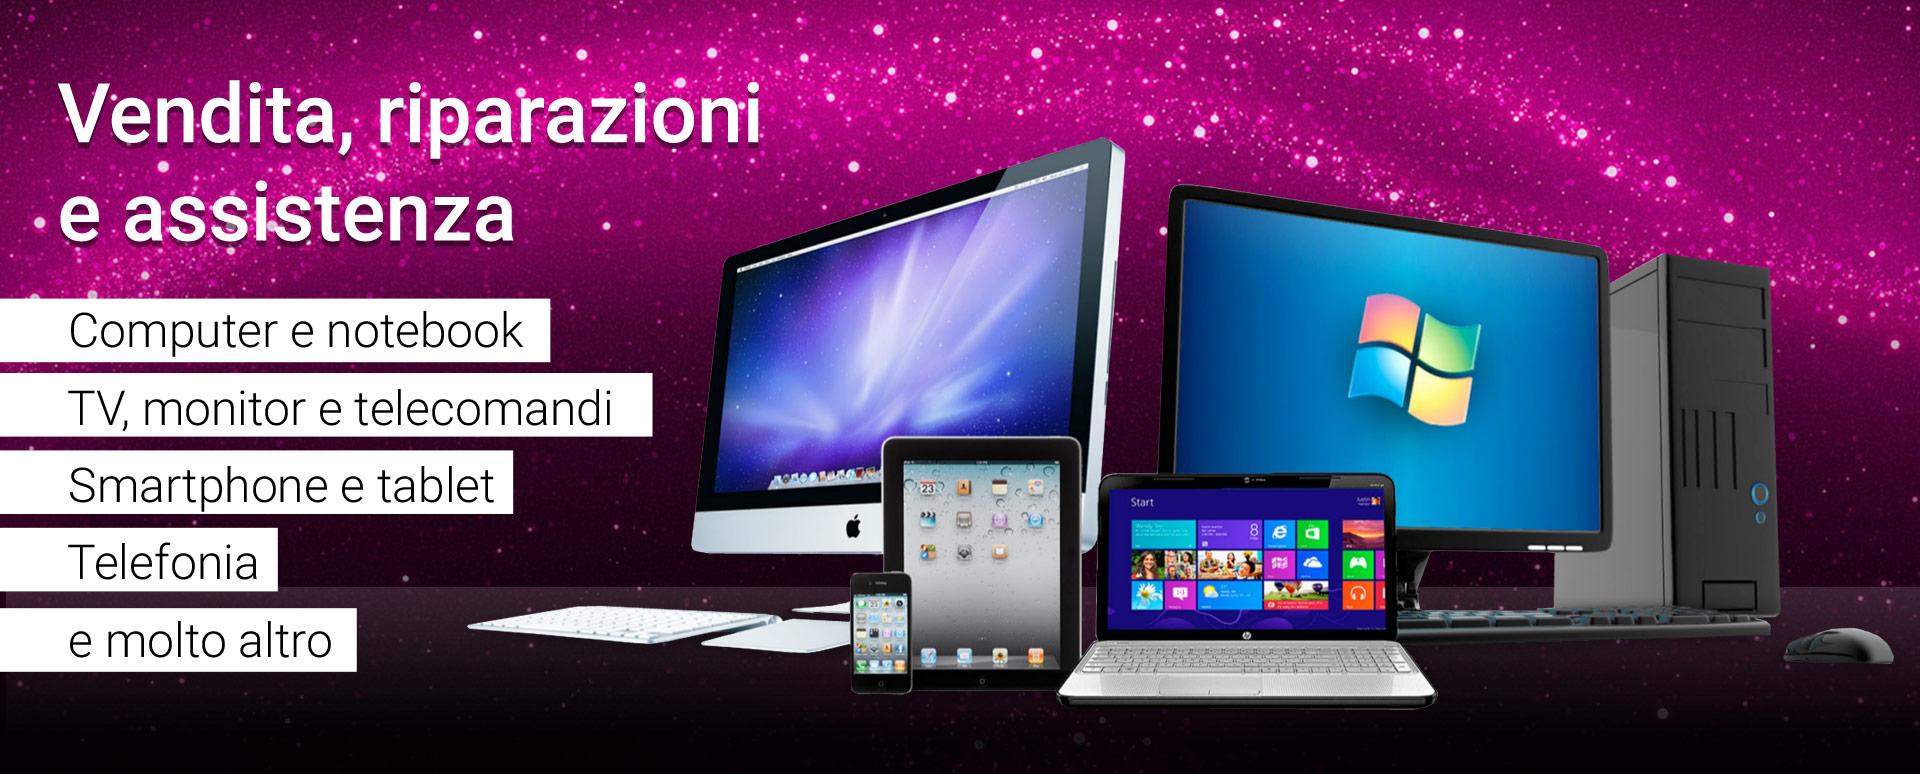 Servizi di vendita, assistenza e riparazione di smartphone, tablet, computer e notebook